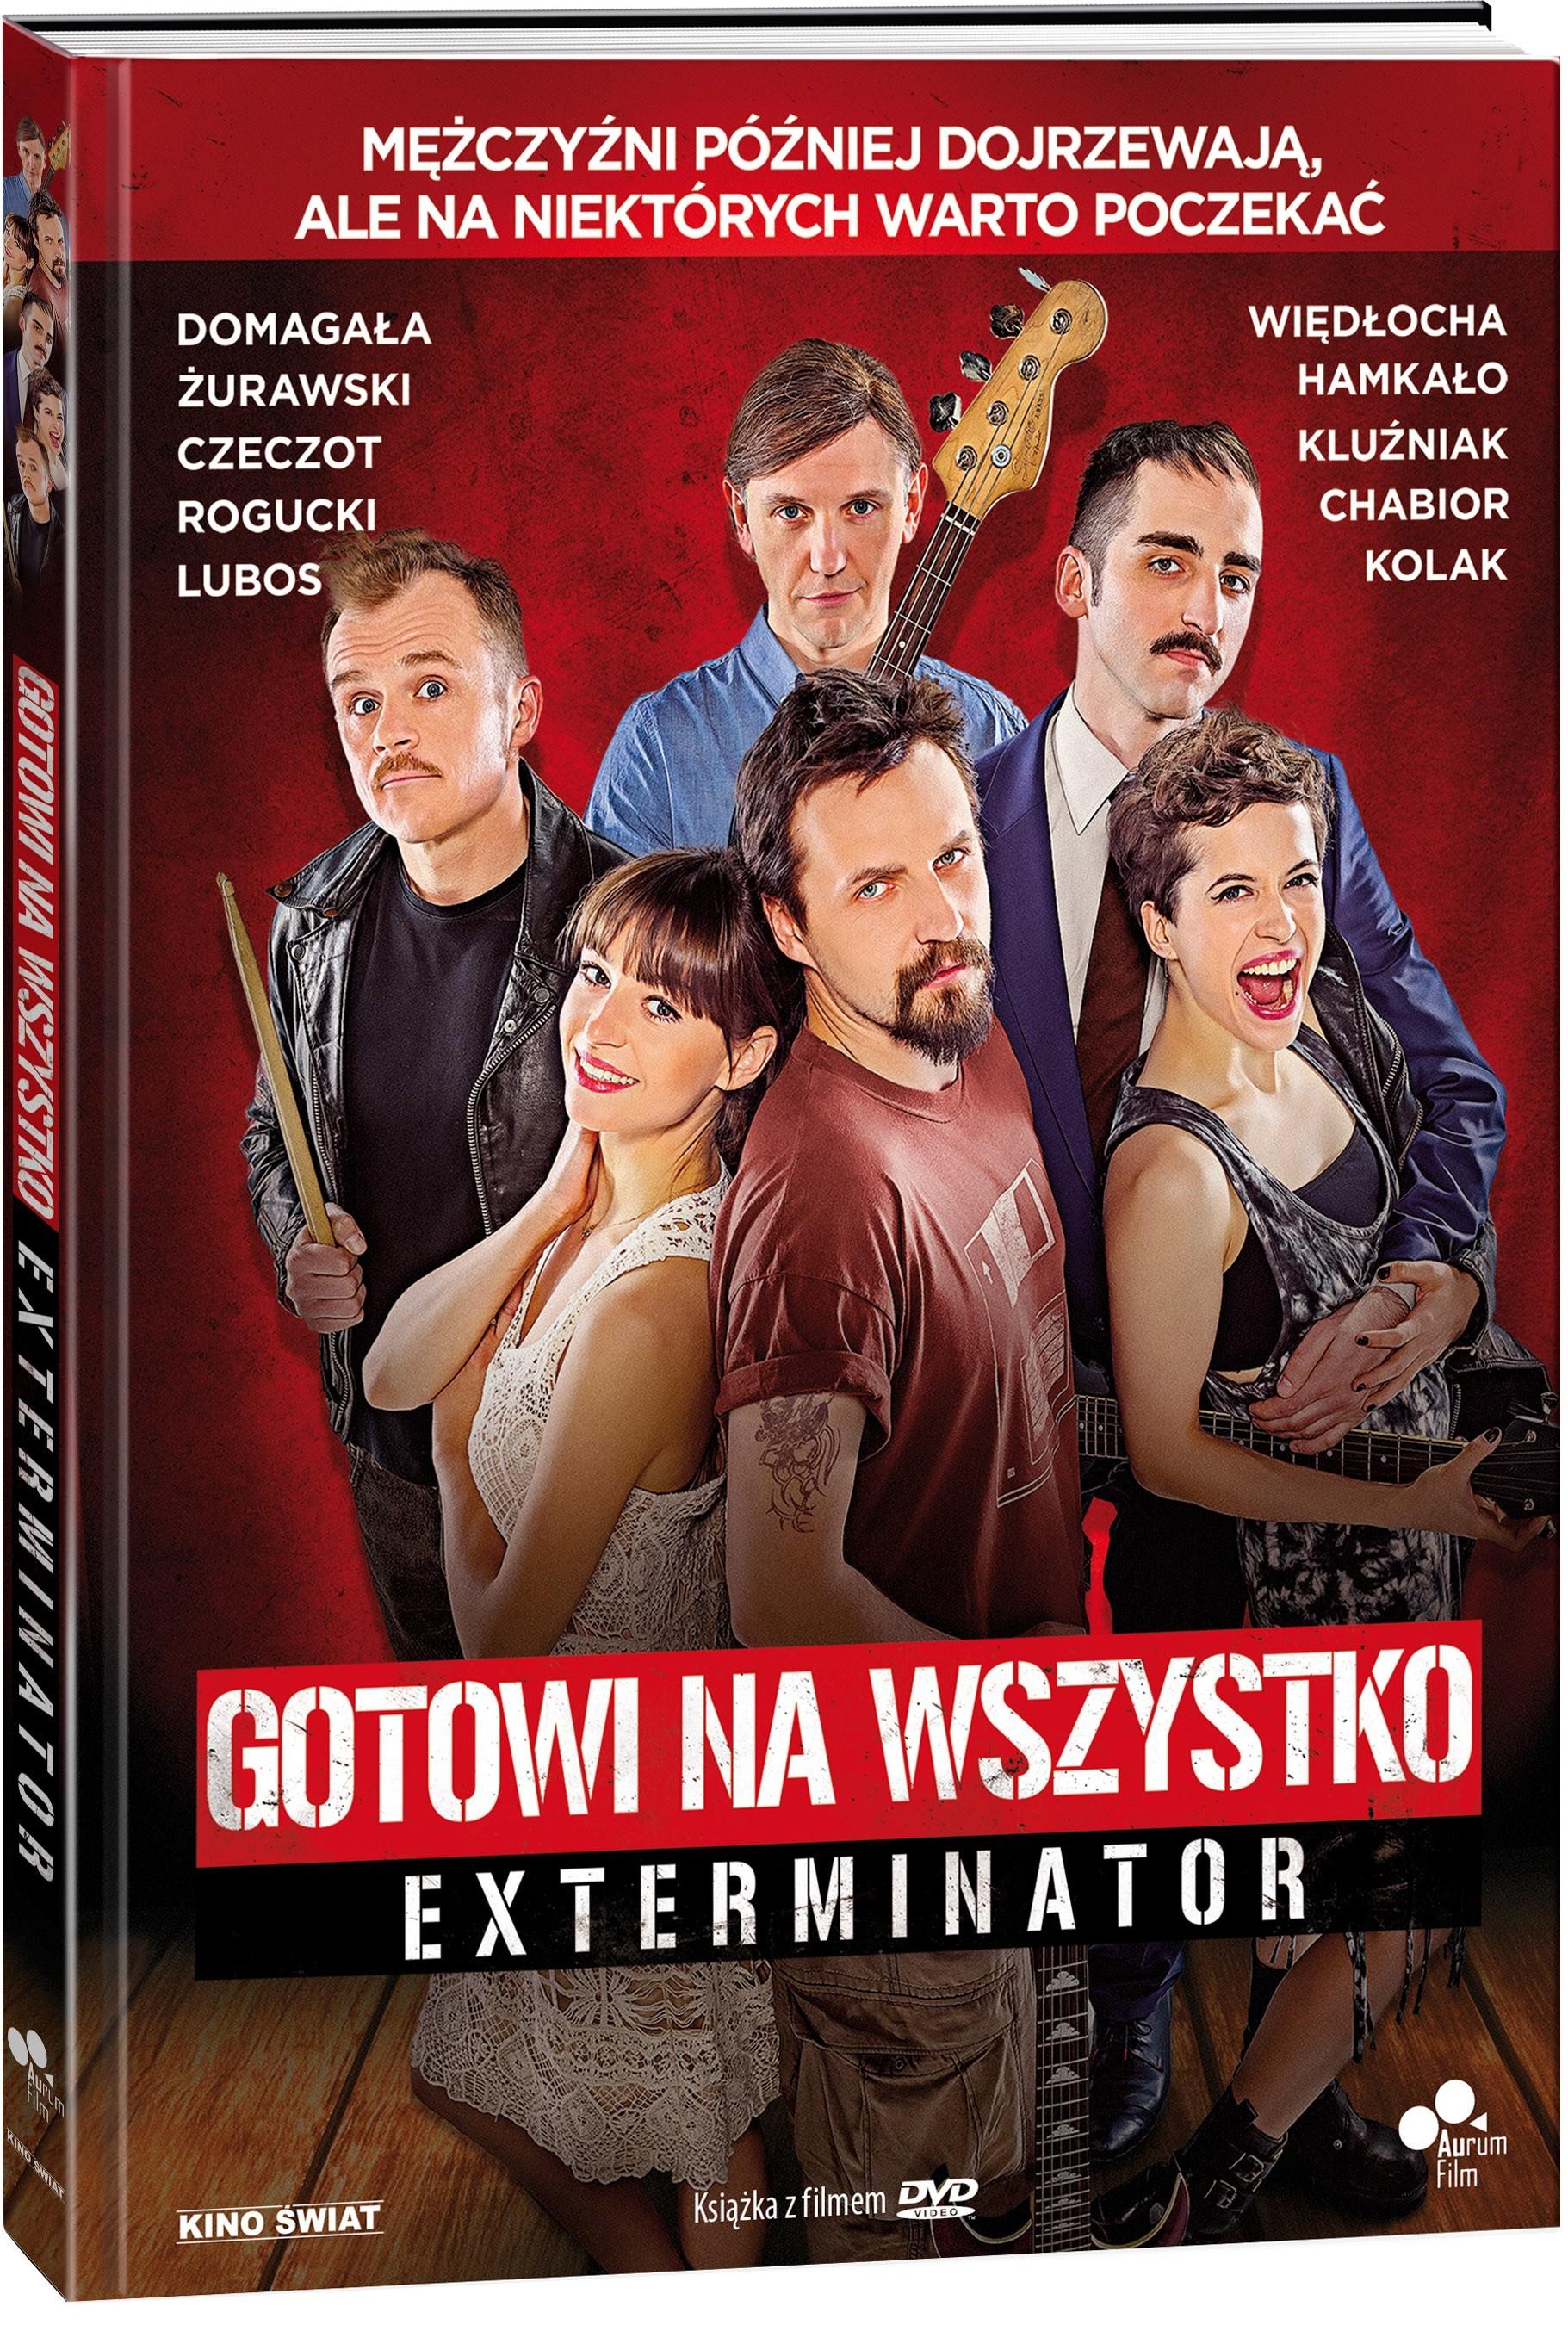 gnw.Extreminator_3D-ks-z-DVD.jpg